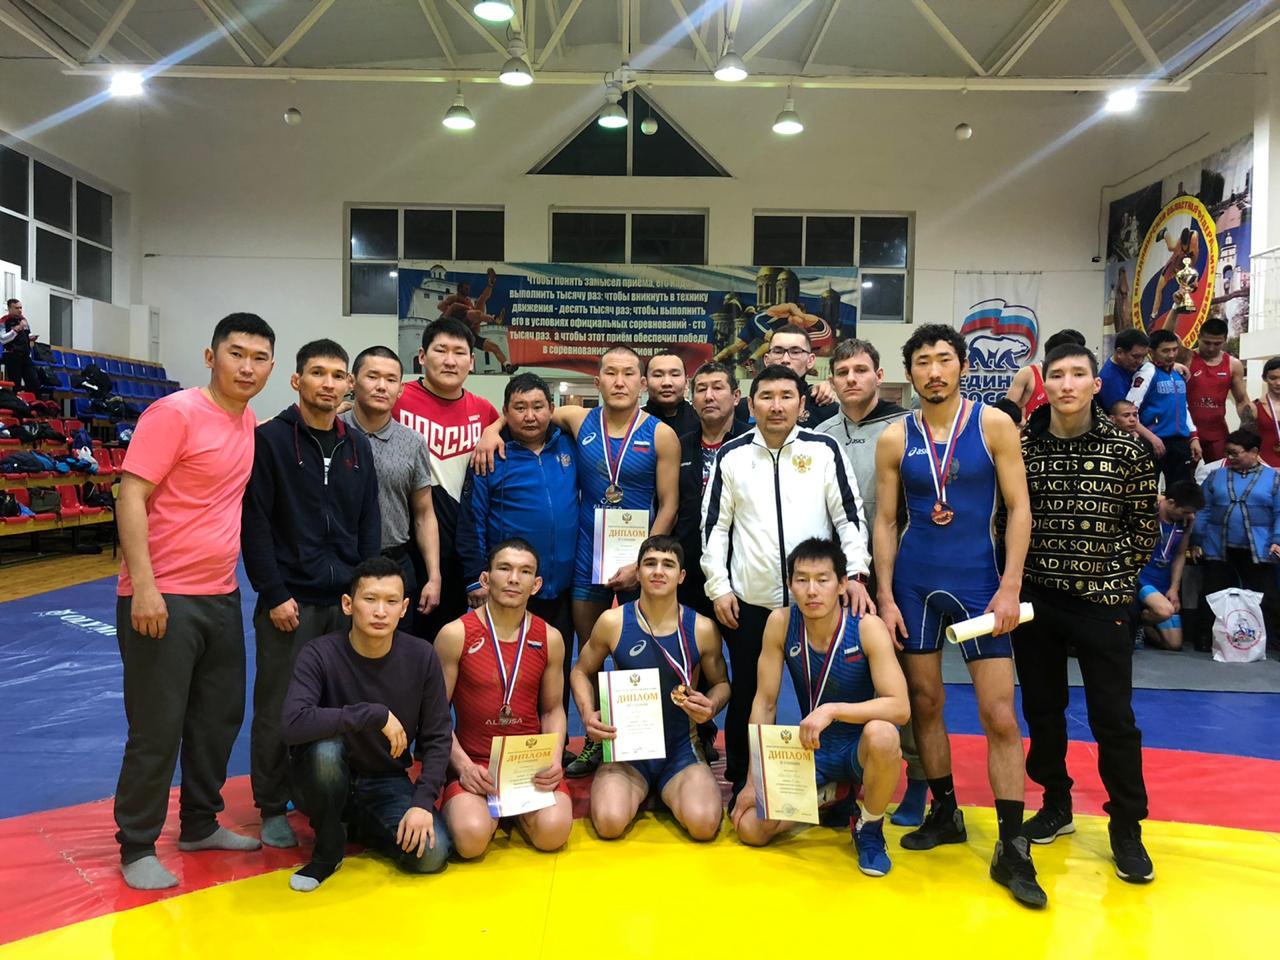 Пять медалей чемпионата России по вольной борьбе принесли якутские спортсмены